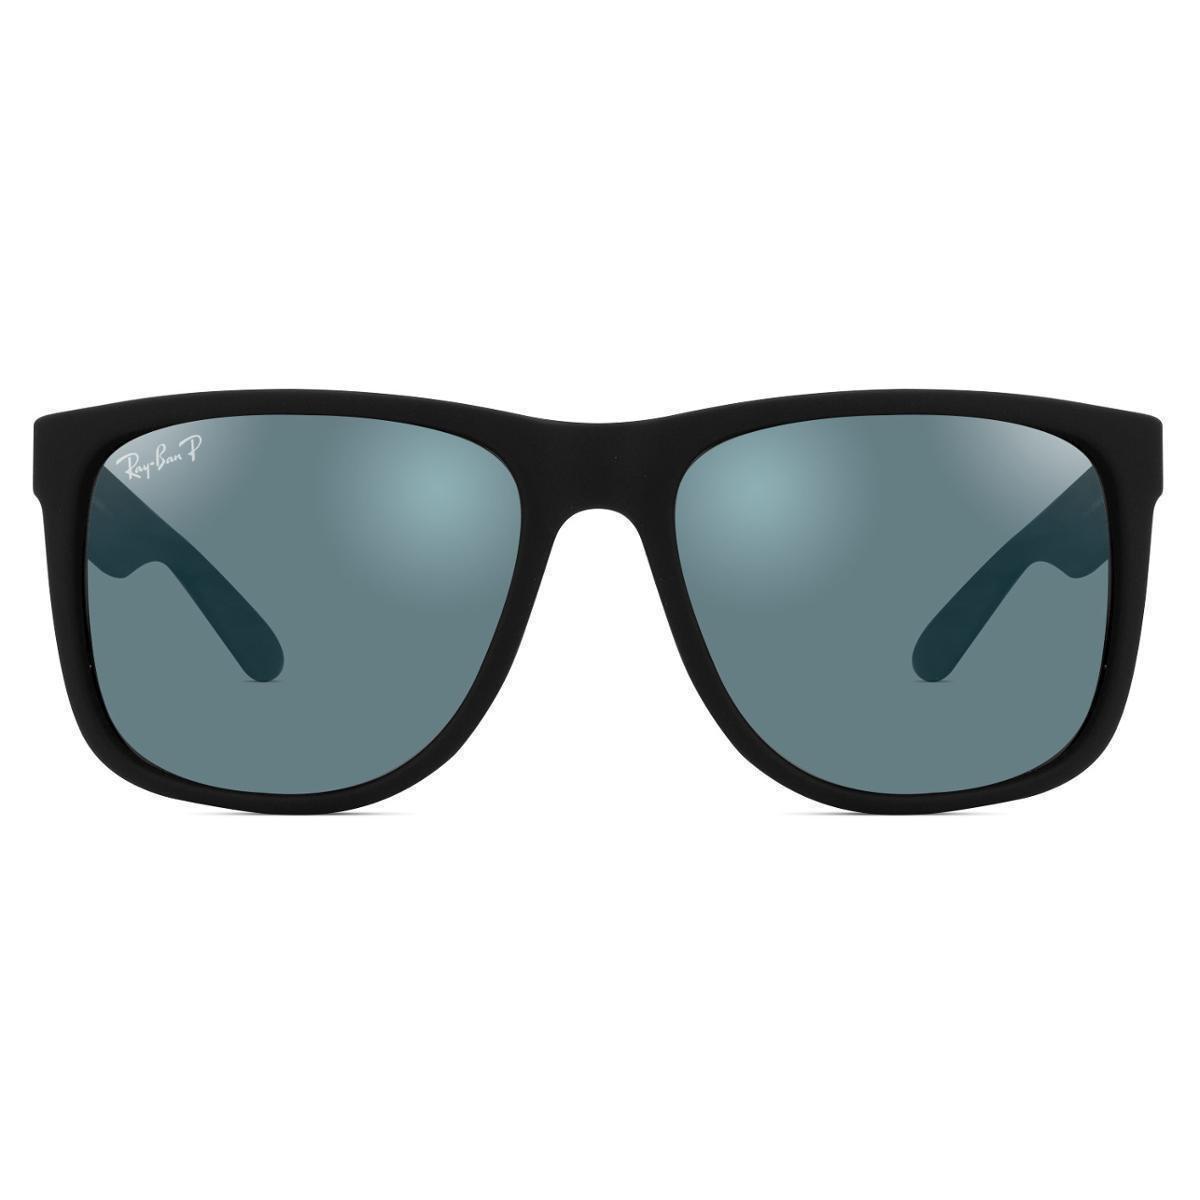 a81cb913ab40e Óculos de Sol Ray Ban Justin Polarizado RB4165L 622 T3 - Preto - Compre  Agora